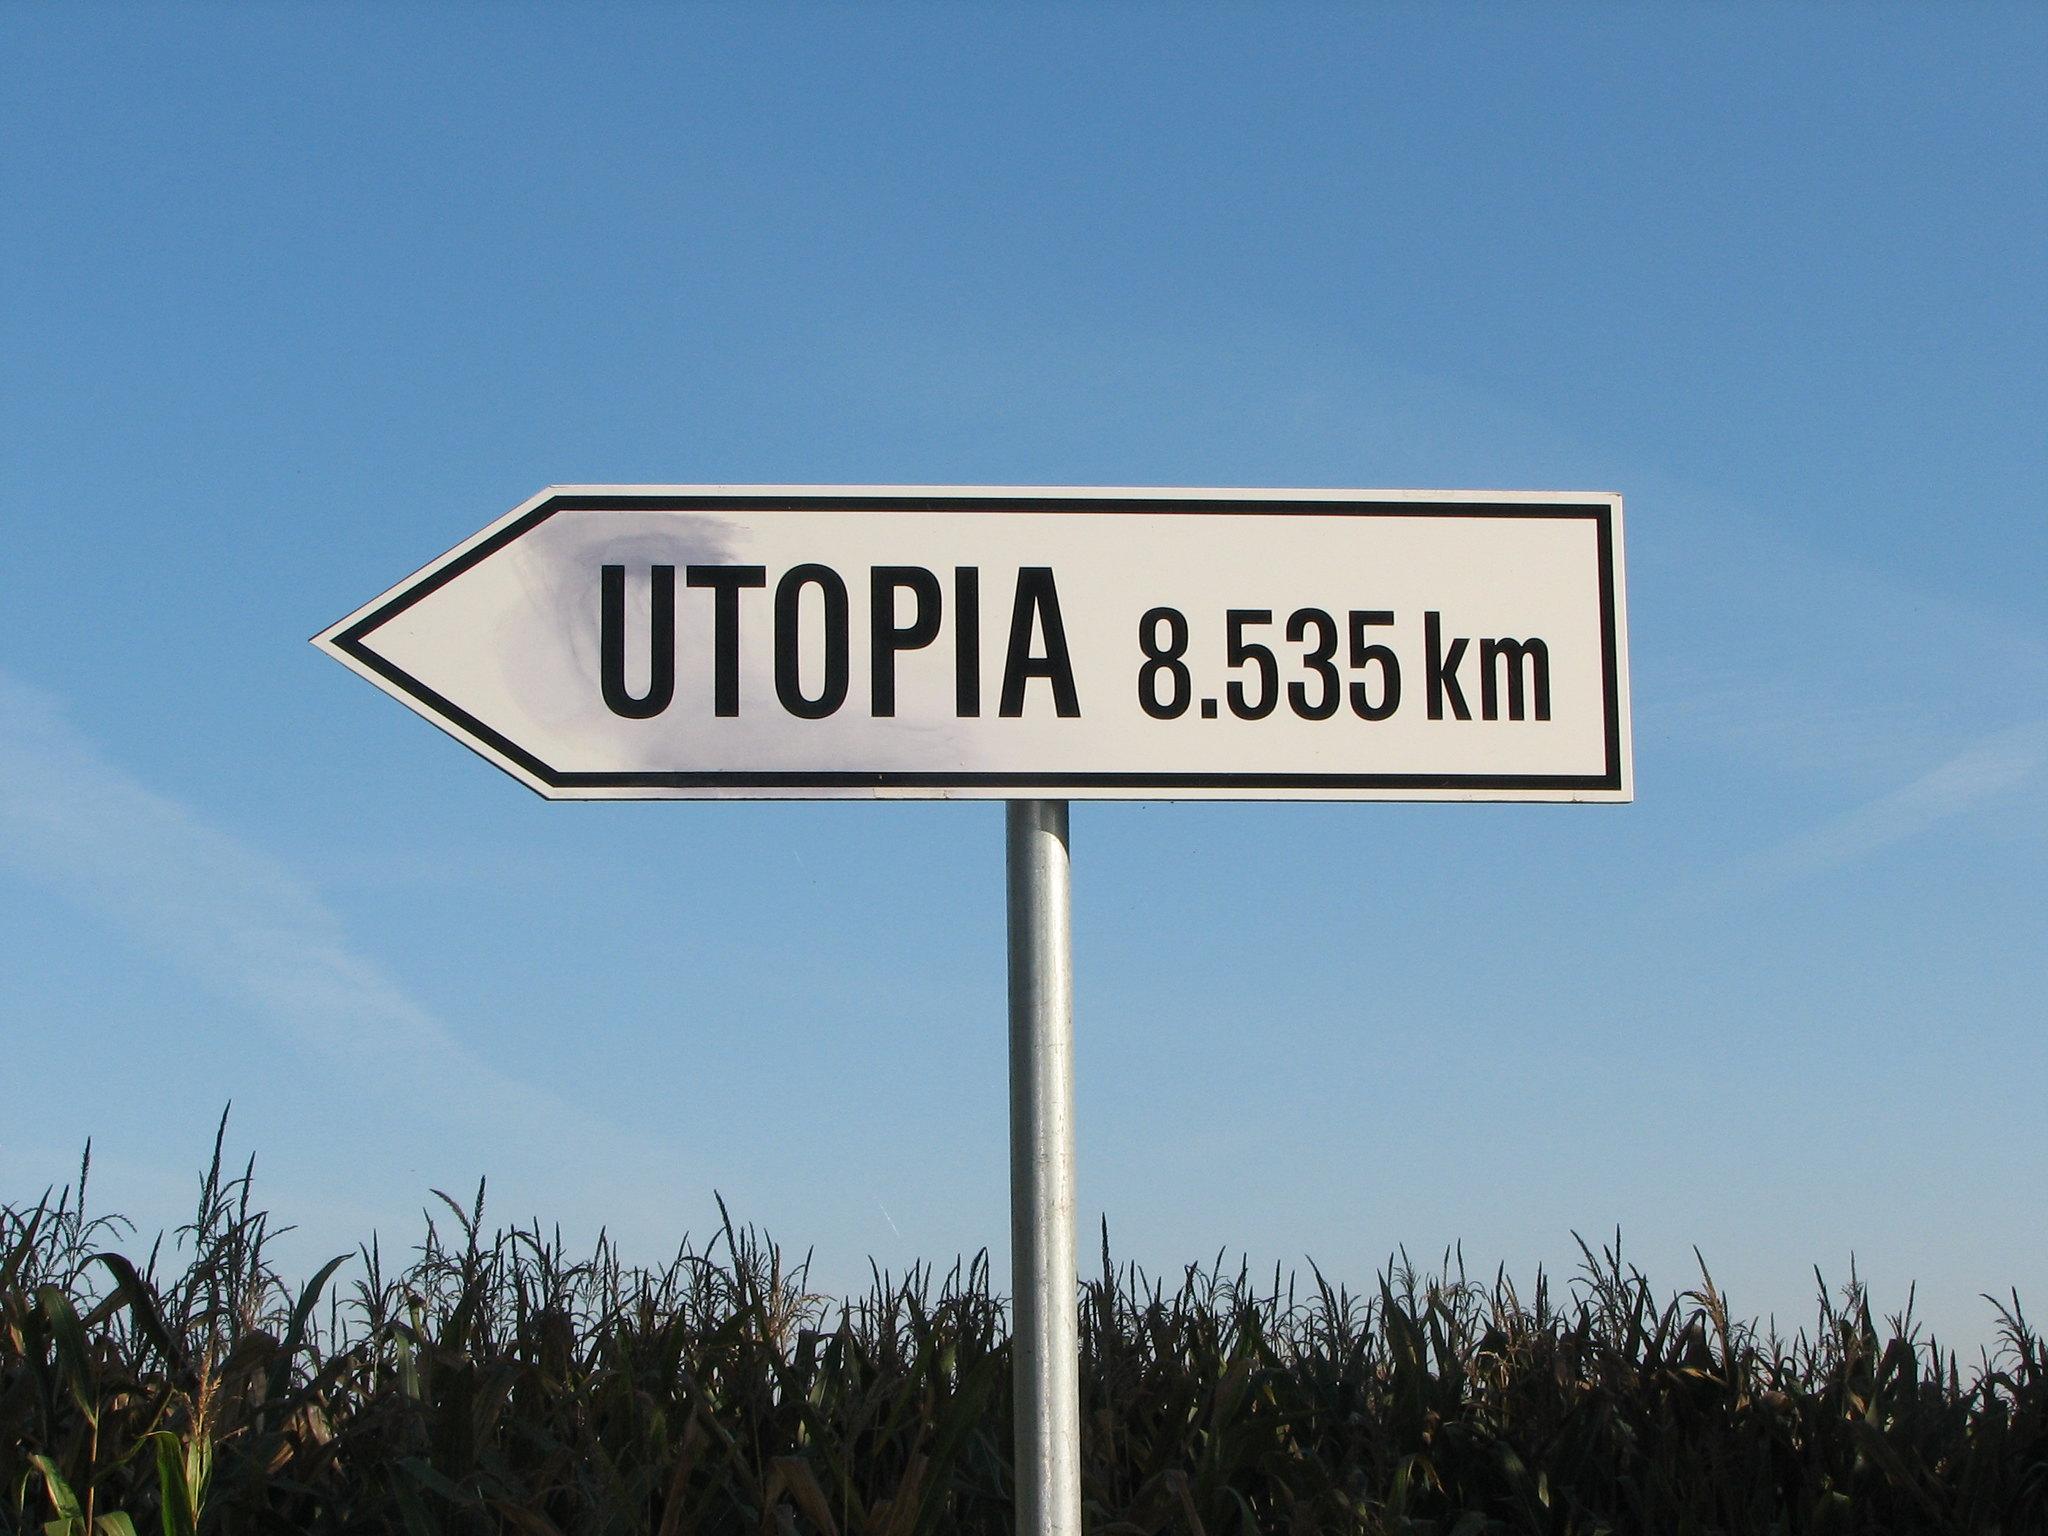 a utopia feita verbo